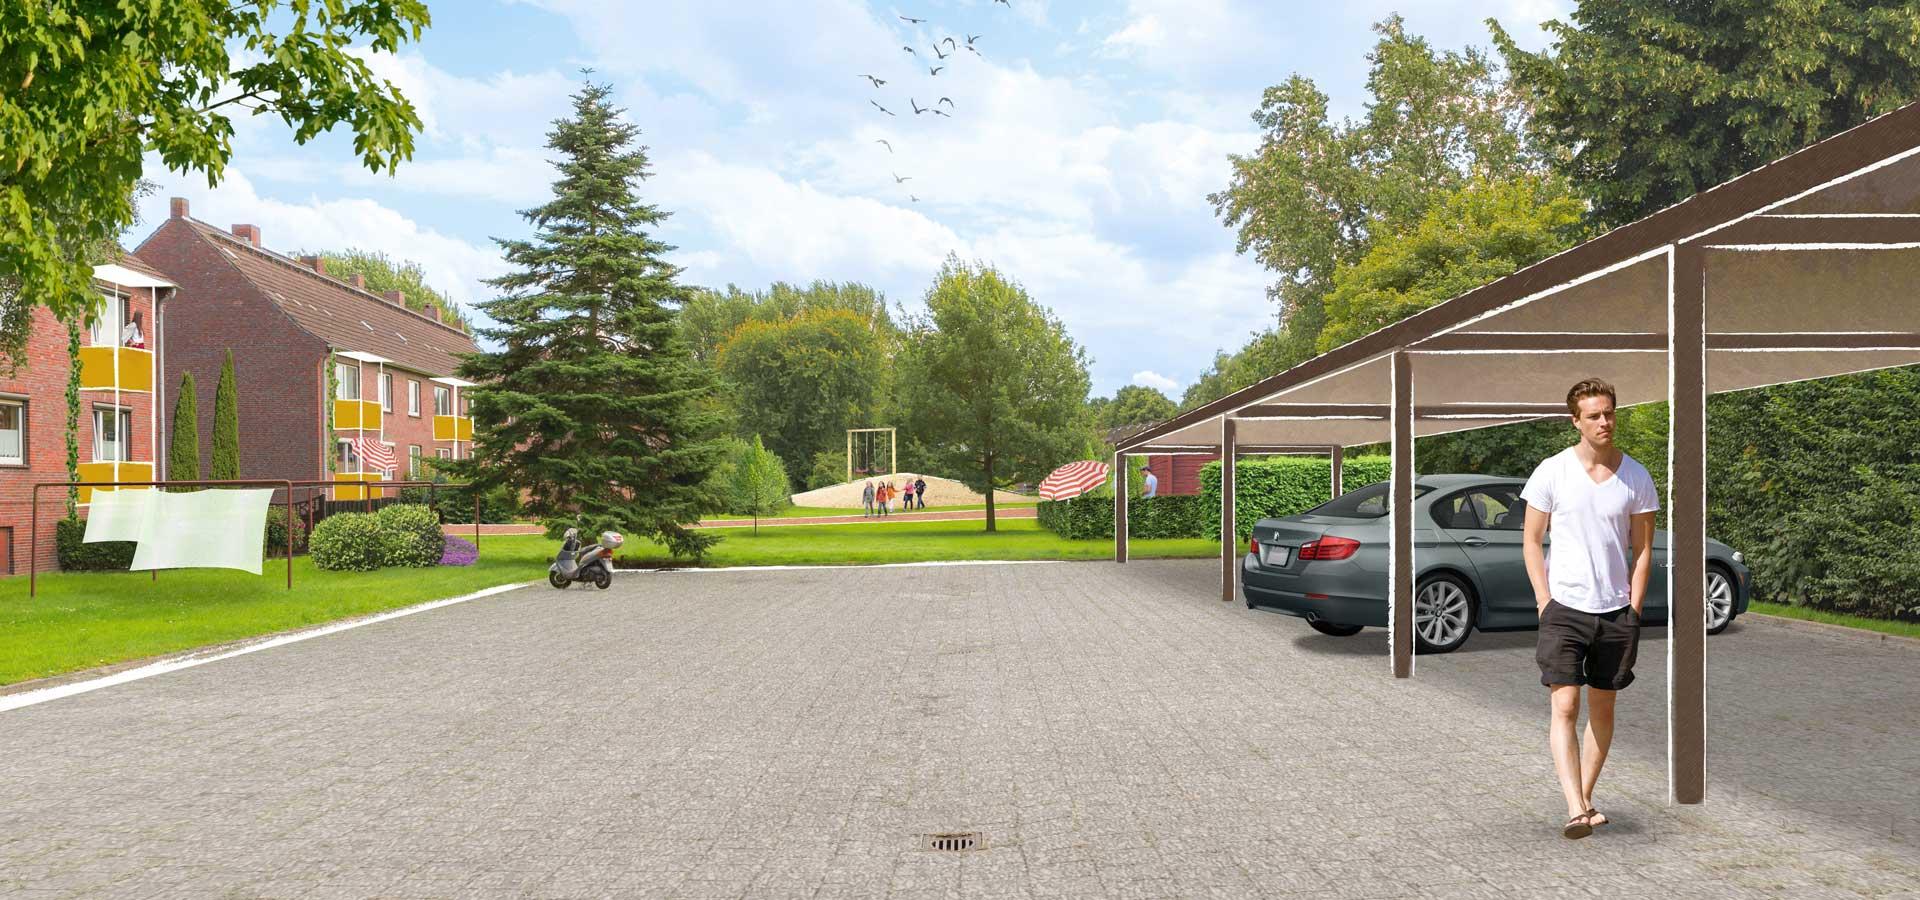 Mieter-Parkplätze und Gartenanlage